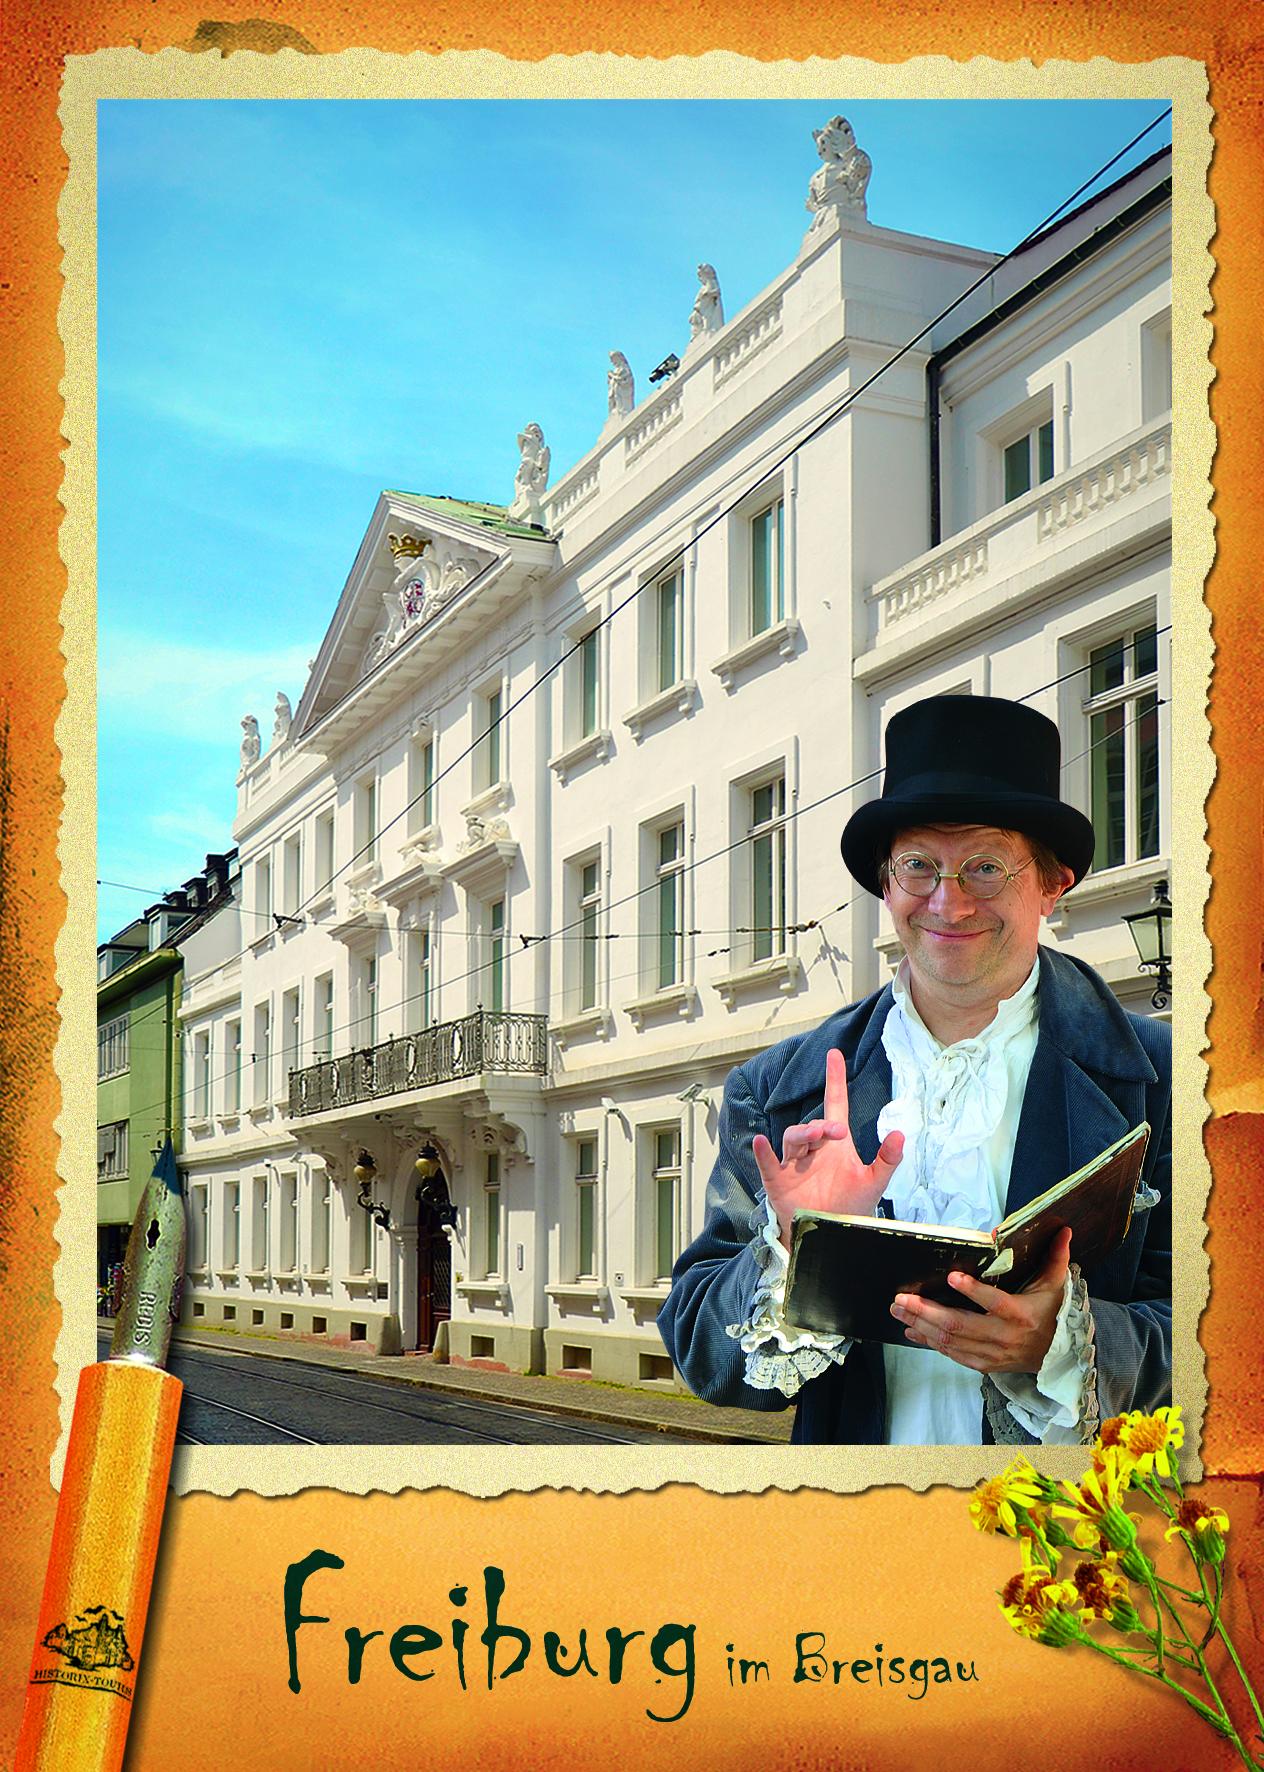 Scherz, Prestige und Puderstaub – Die ungemein witzige Tour über den Freiburger Adel